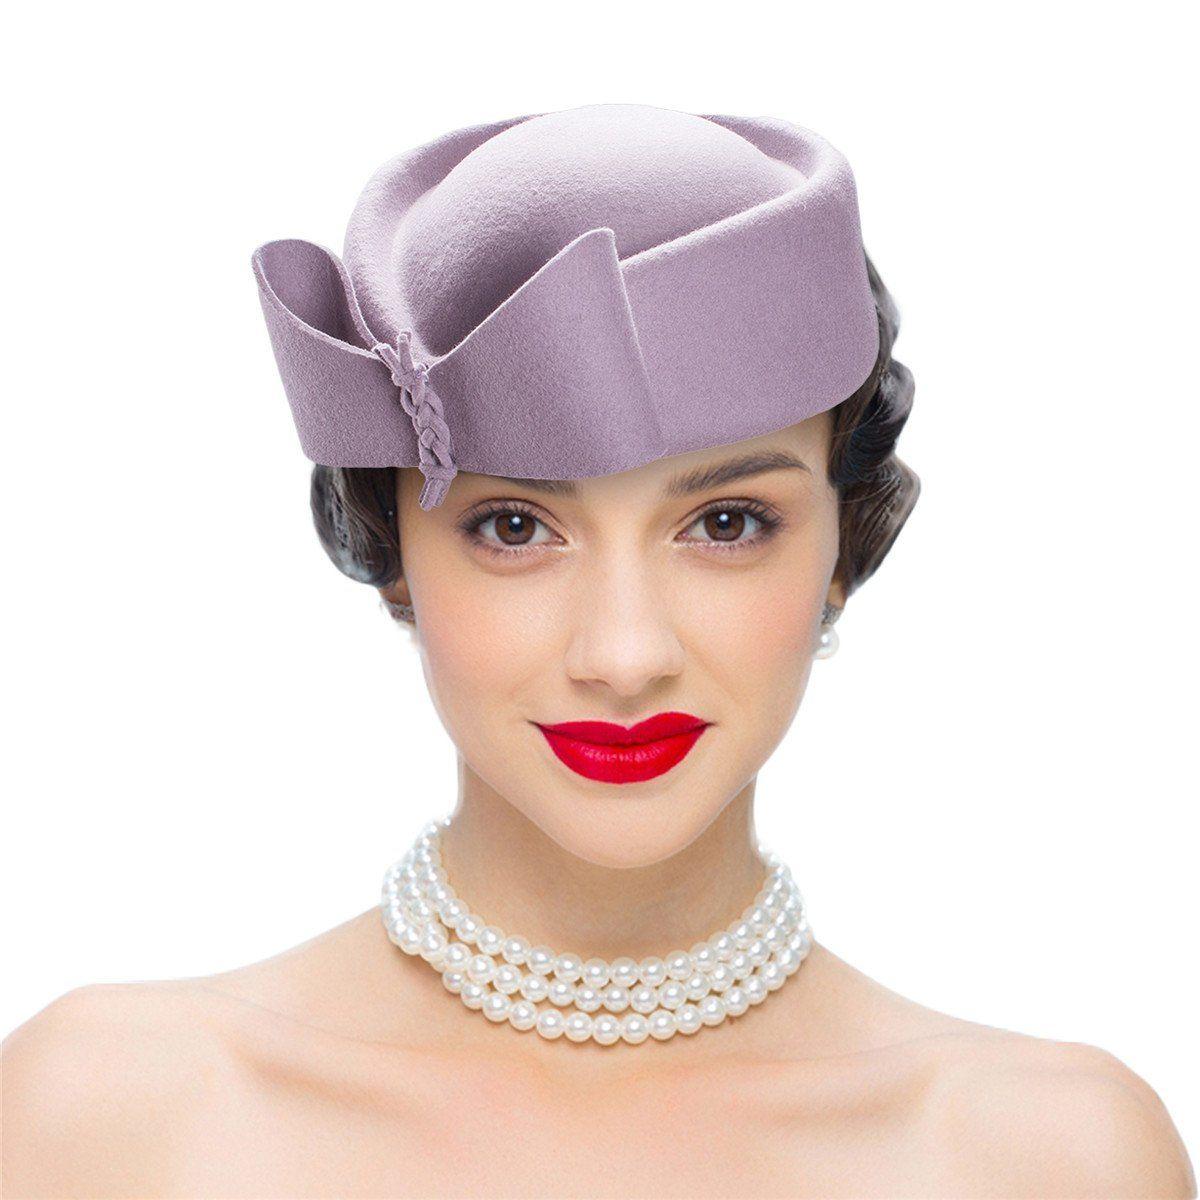 Lawliet Ladies Teardrop Fancy Wool Fascinator Cocktail Pillbox Hat Formal Racing A253